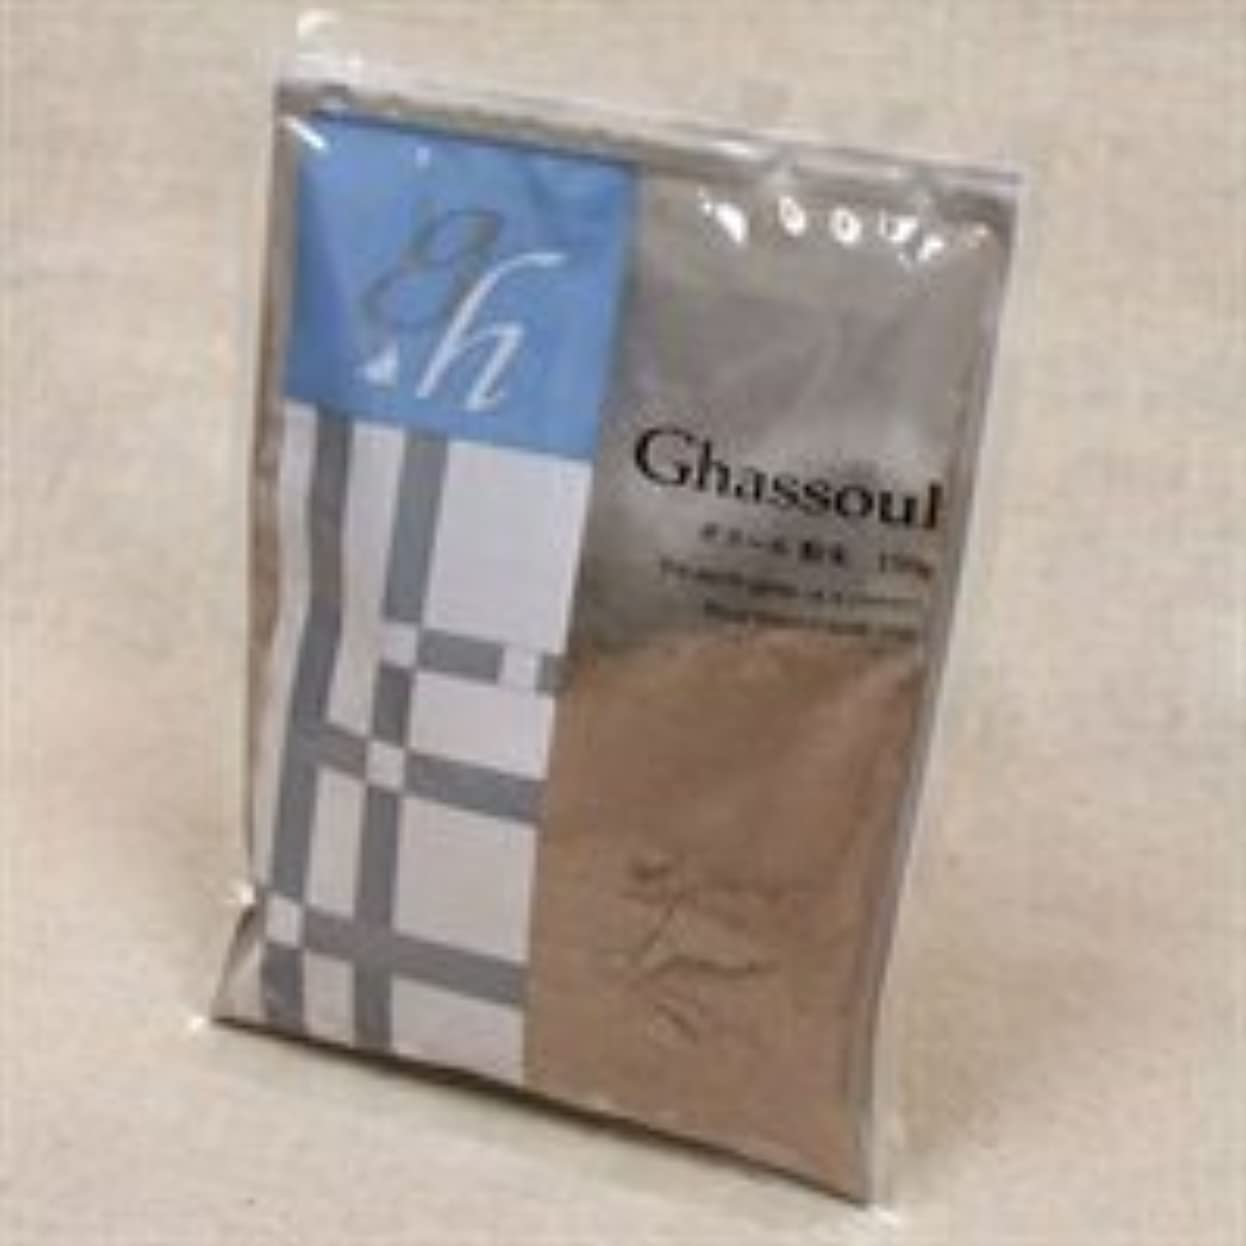 心理的好意ダッシュNaiad(ナイアード) ガスール粉末タイプ 150g 20個セット